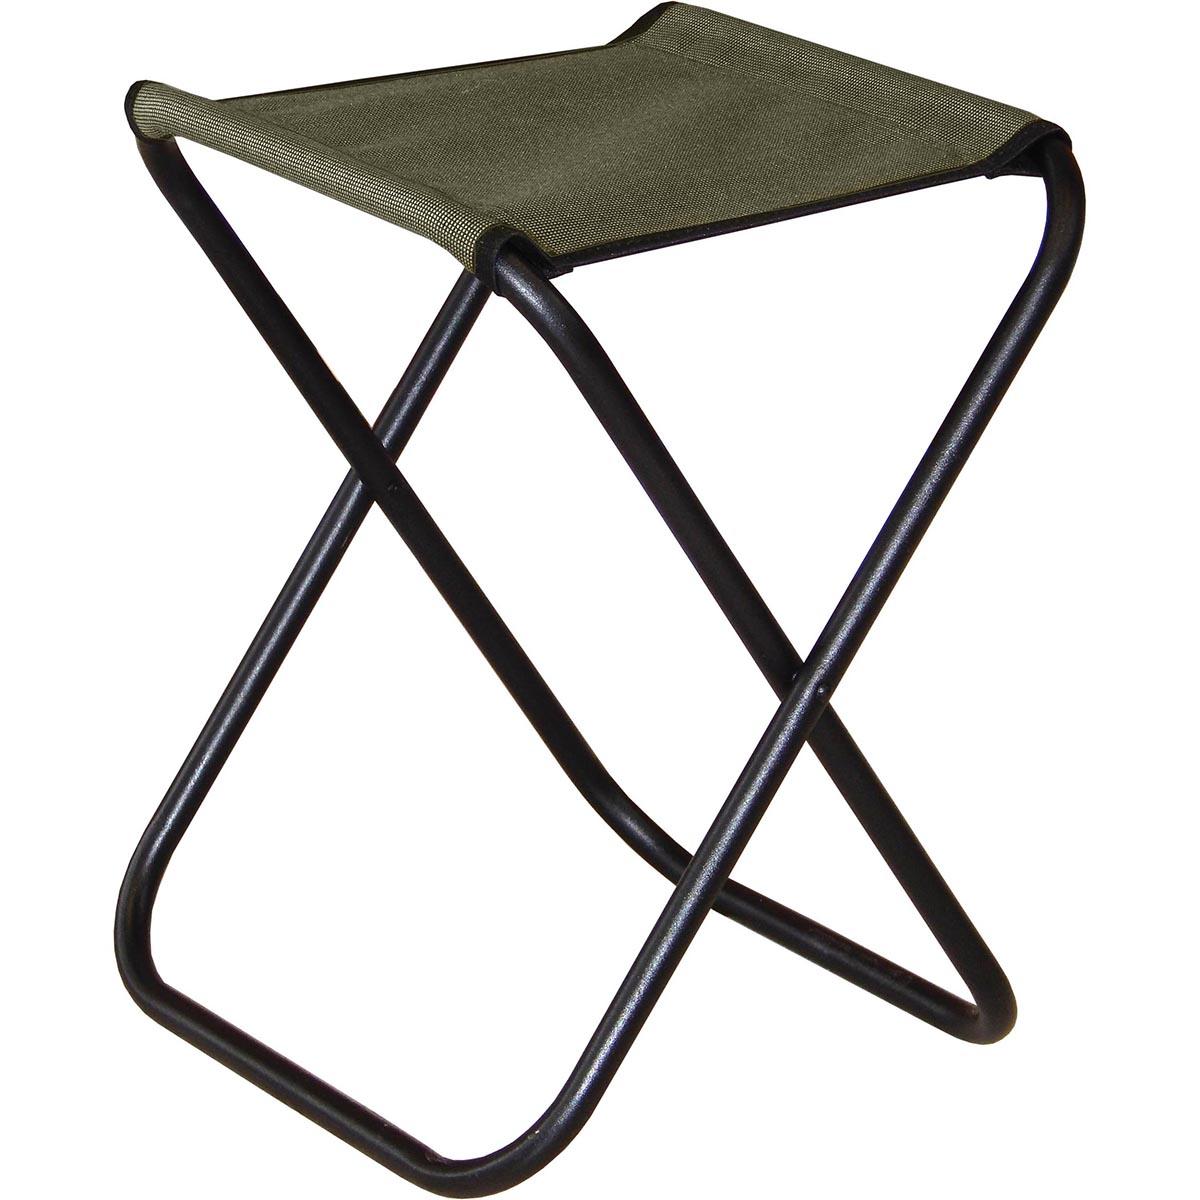 Табурет складной Greenell FS-4 R16, цвет: зеленый, черный95855-502-00Складной табурет Greenell FS-4 R16 - это незаменимый предмет походной мебели, который очень удобен в эксплуатации. Каркас табурета изготовлен из прочной и долговечной стали, устойчивой к погодным условиям. Сиденье выполнено из прочного полиэстера. Табурет легко собирается и разбирается и не занимает много места, поэтому подходит для транспортировки и хранения дома. Складной табурет прекрасно подойдет для комфортного отдыха на даче или в походе. Размер сиденья: 29 х 26 см. Высота табурета: 41 см.